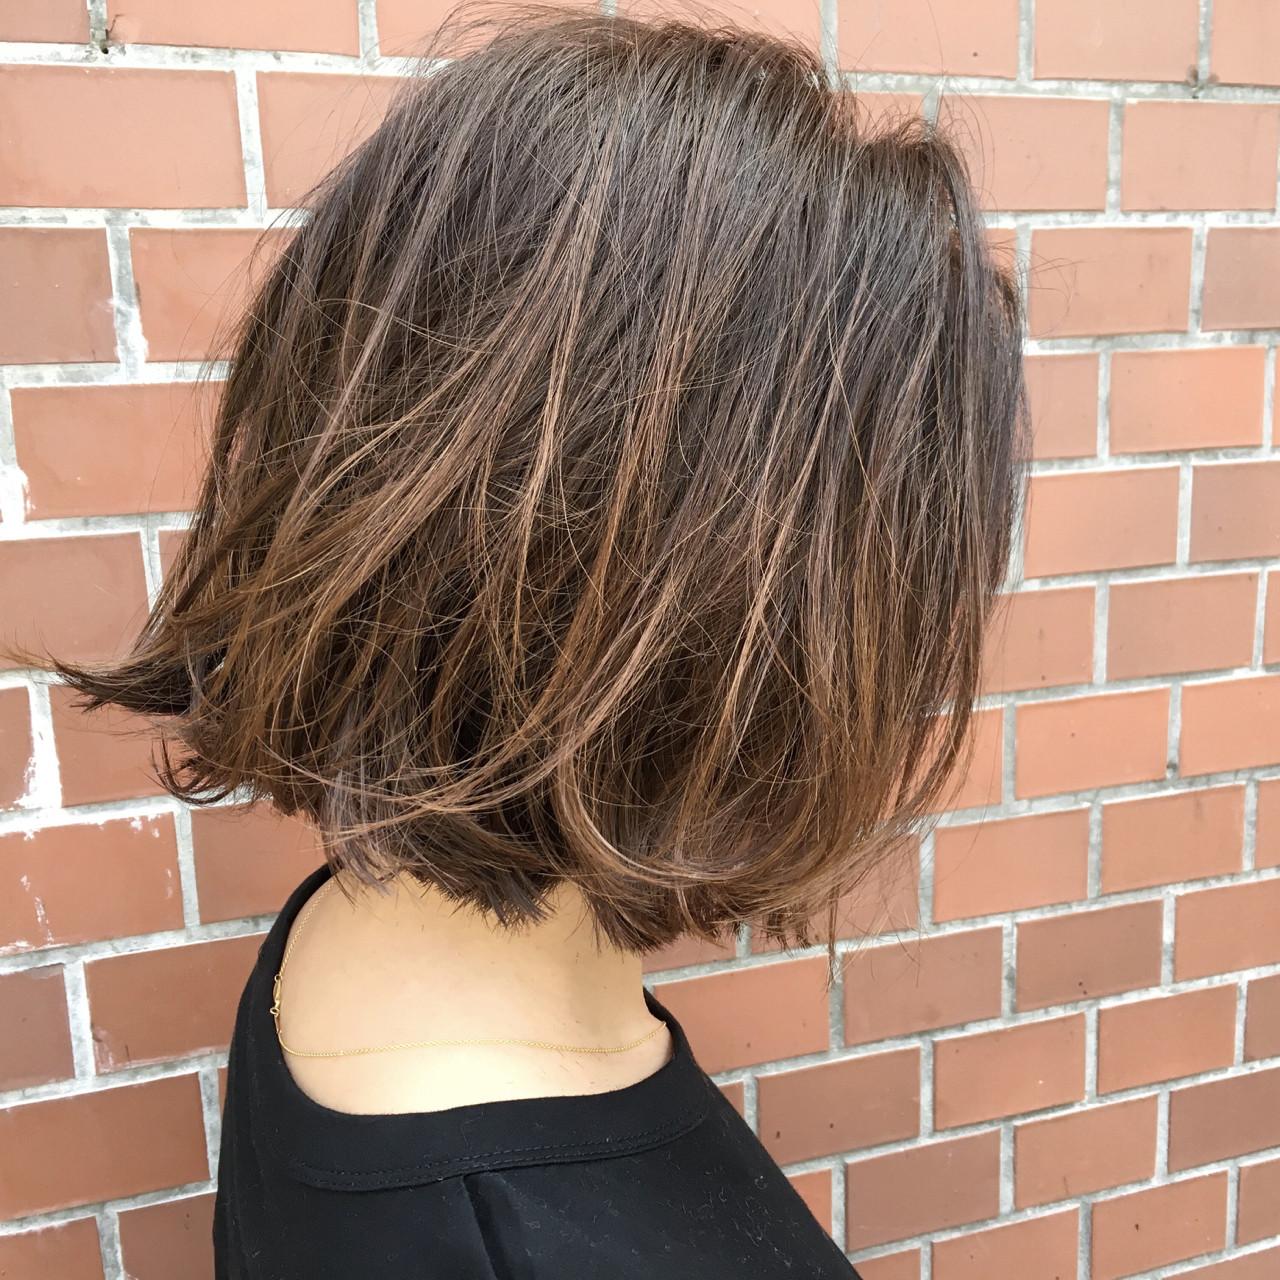 グラデーションカラー ボブ ハイライト 外国人風 ヘアスタイルや髪型の写真・画像 | 杉谷 将也 / DiLL / DiLL